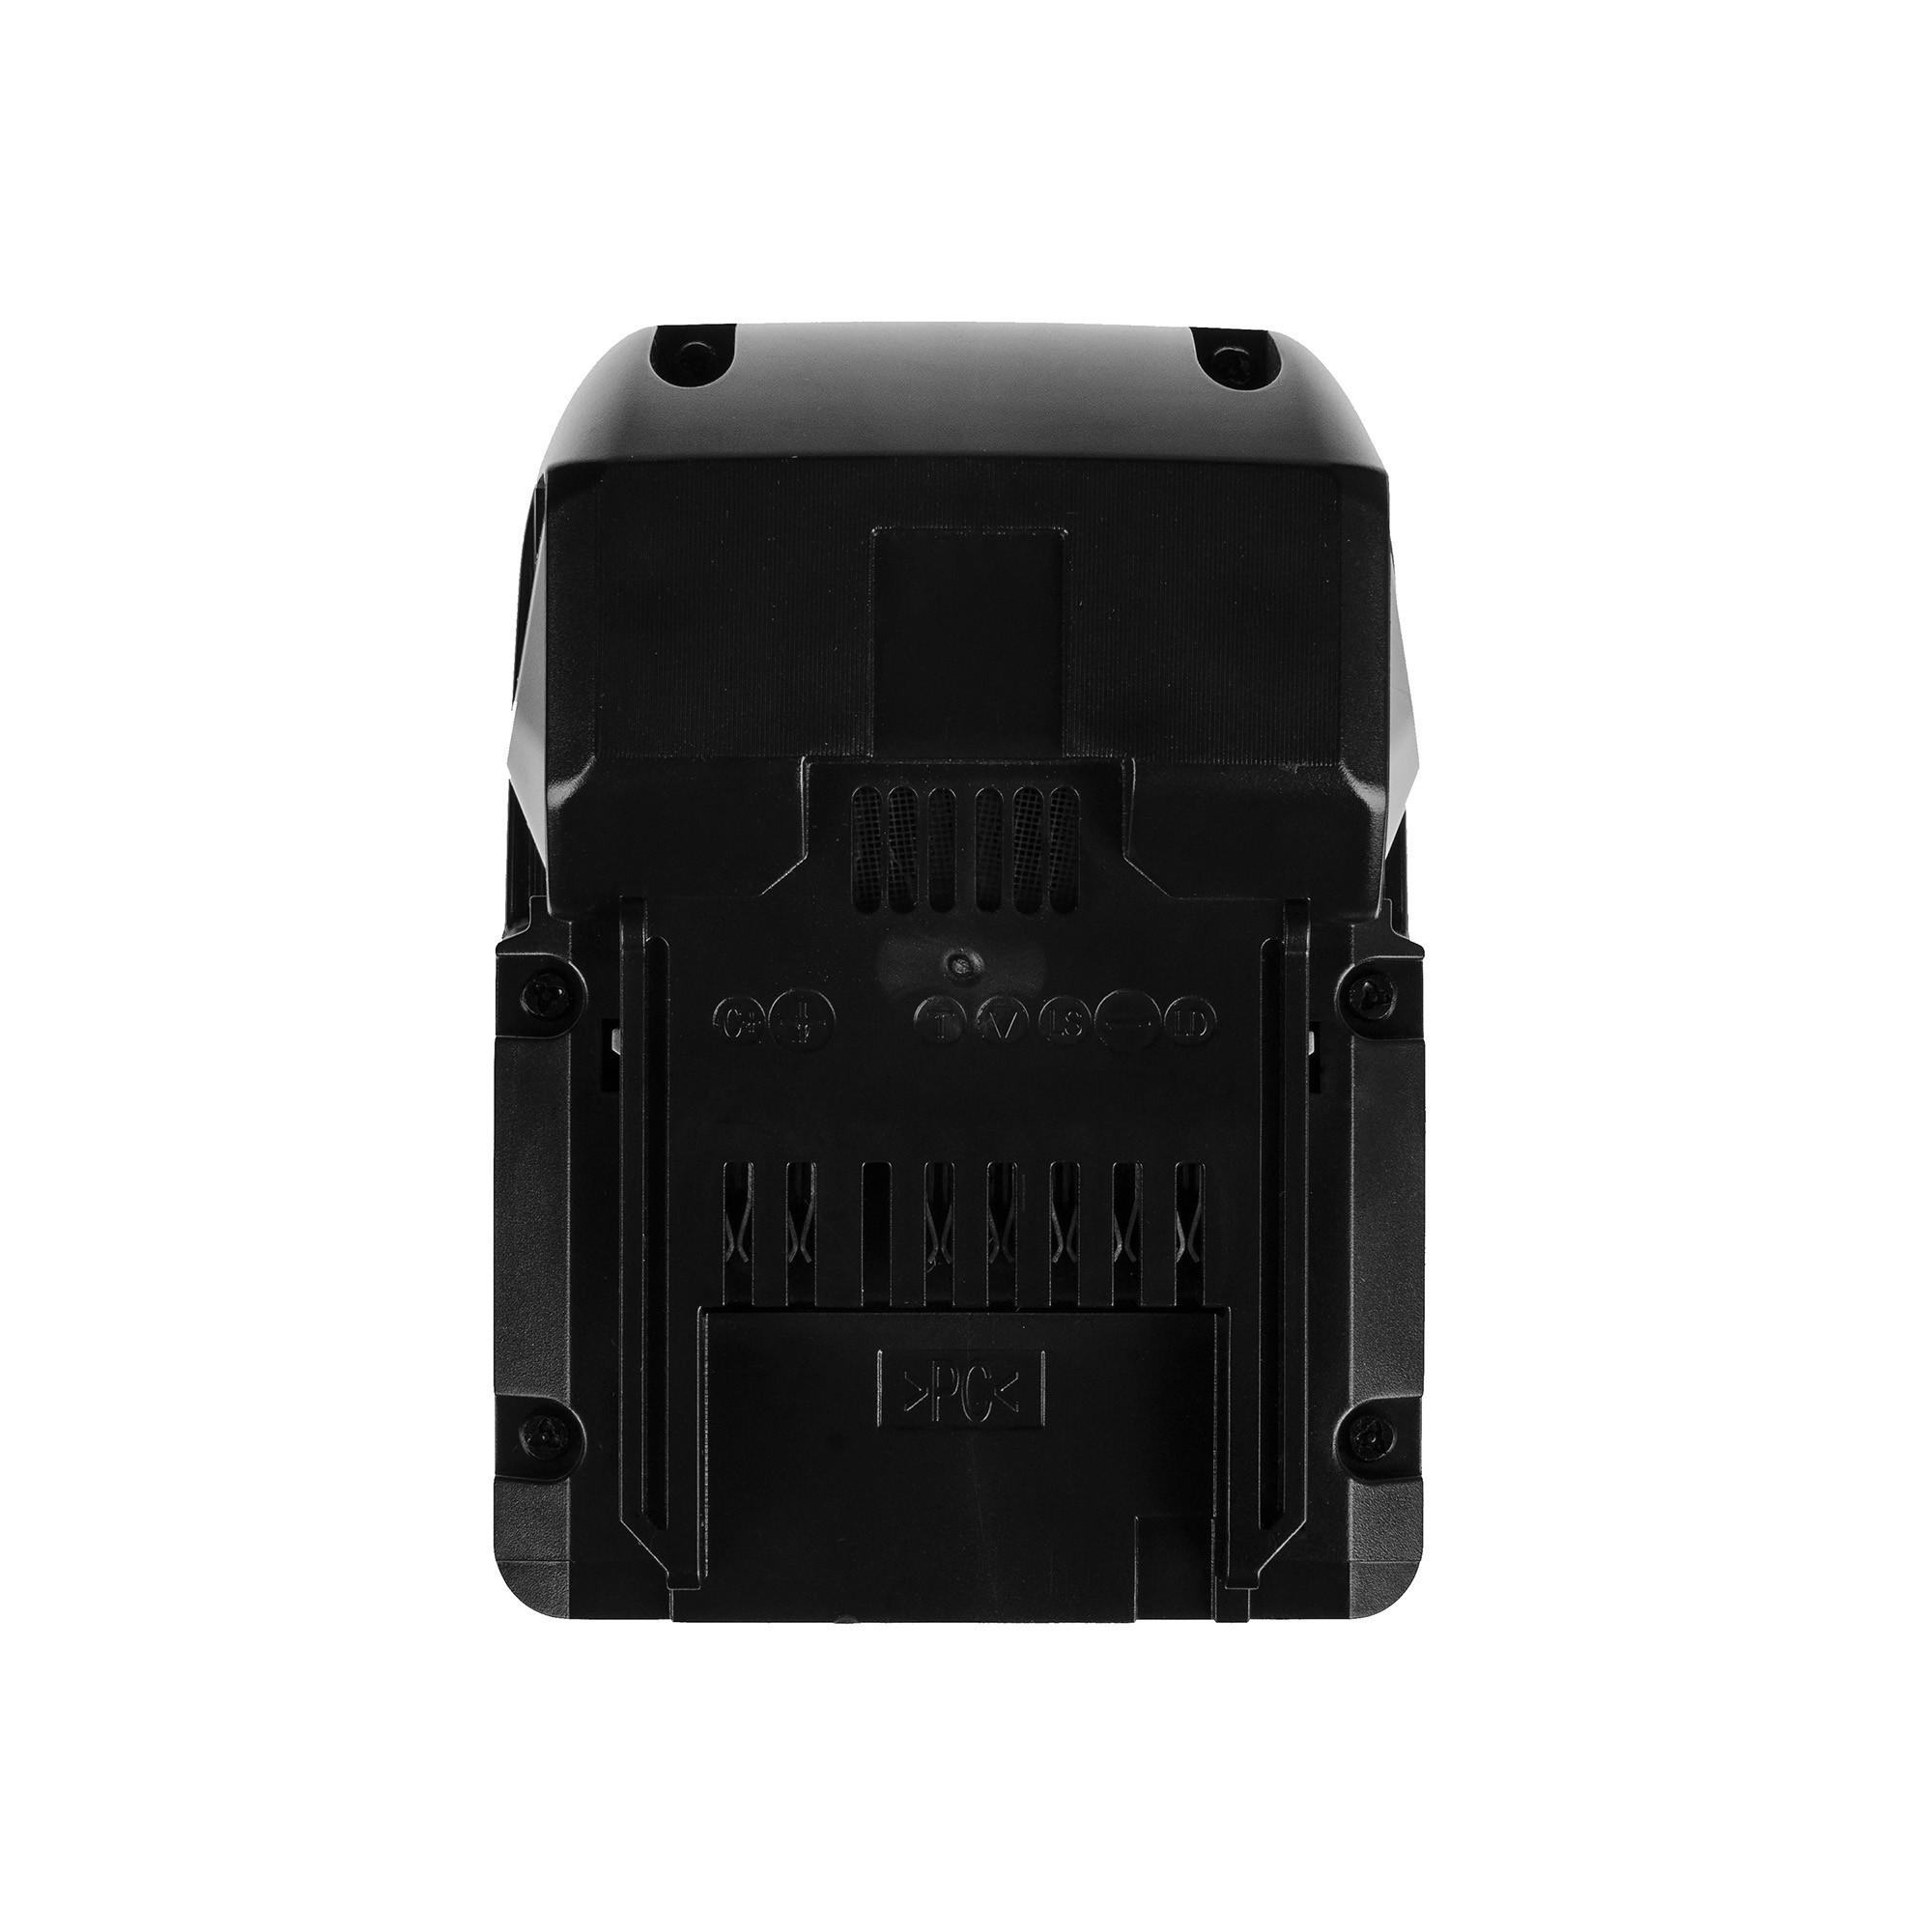 Green Cellverktygsbatteri 25.2V 3Ah BSL 2530 för Hitachi DH25DAL DH25DL